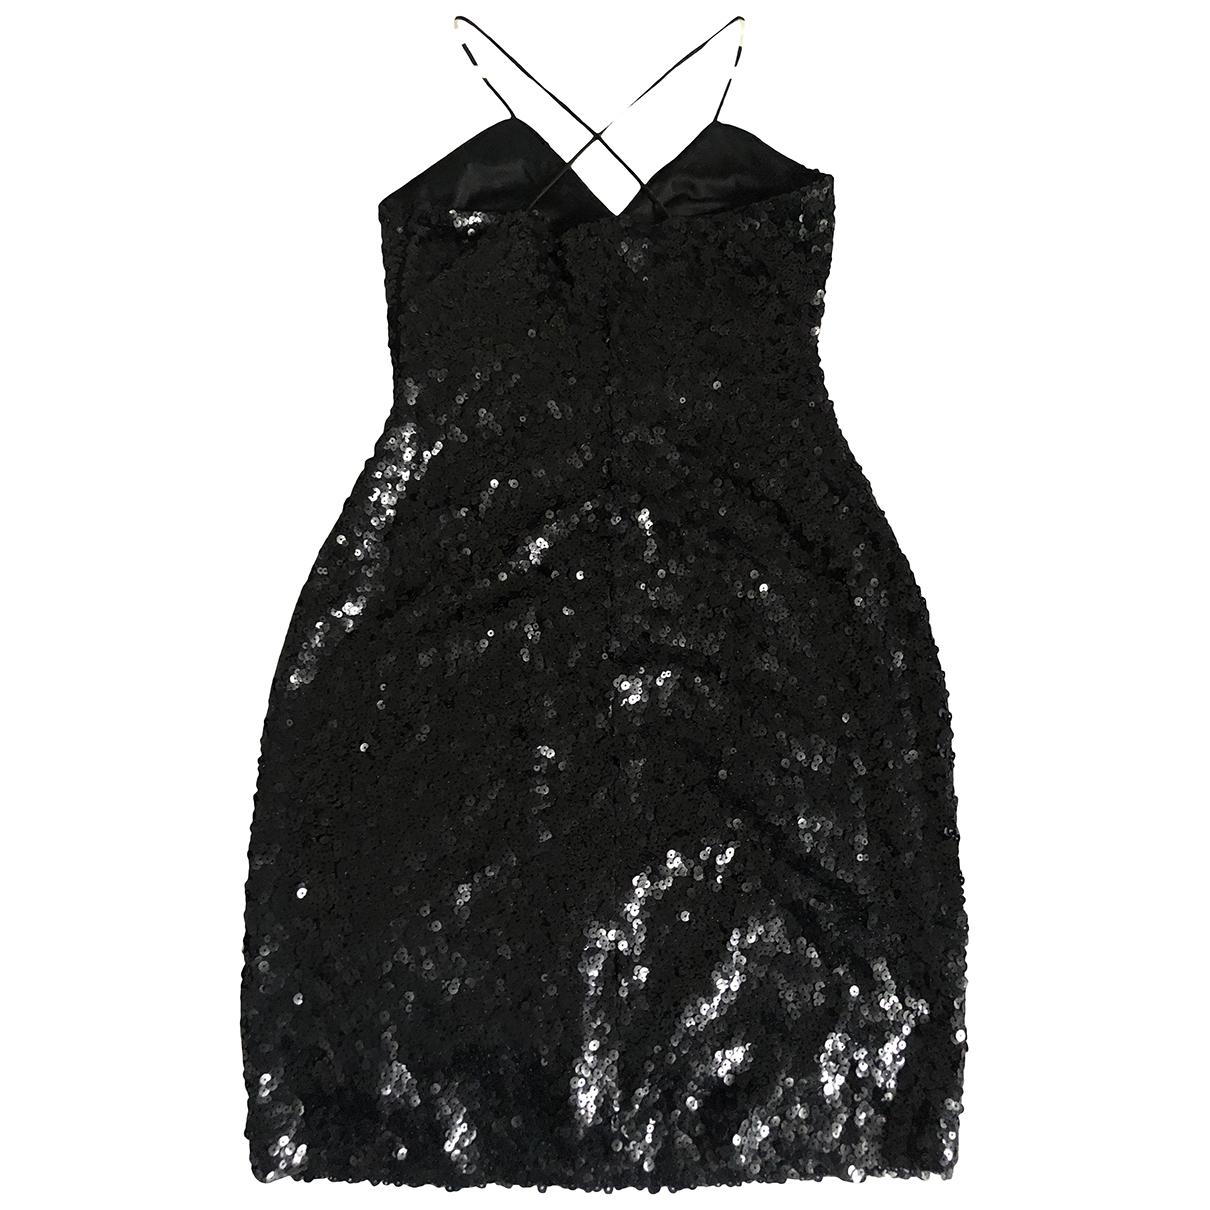 Lauren Ralph Lauren \N Black dress for Women 4 US